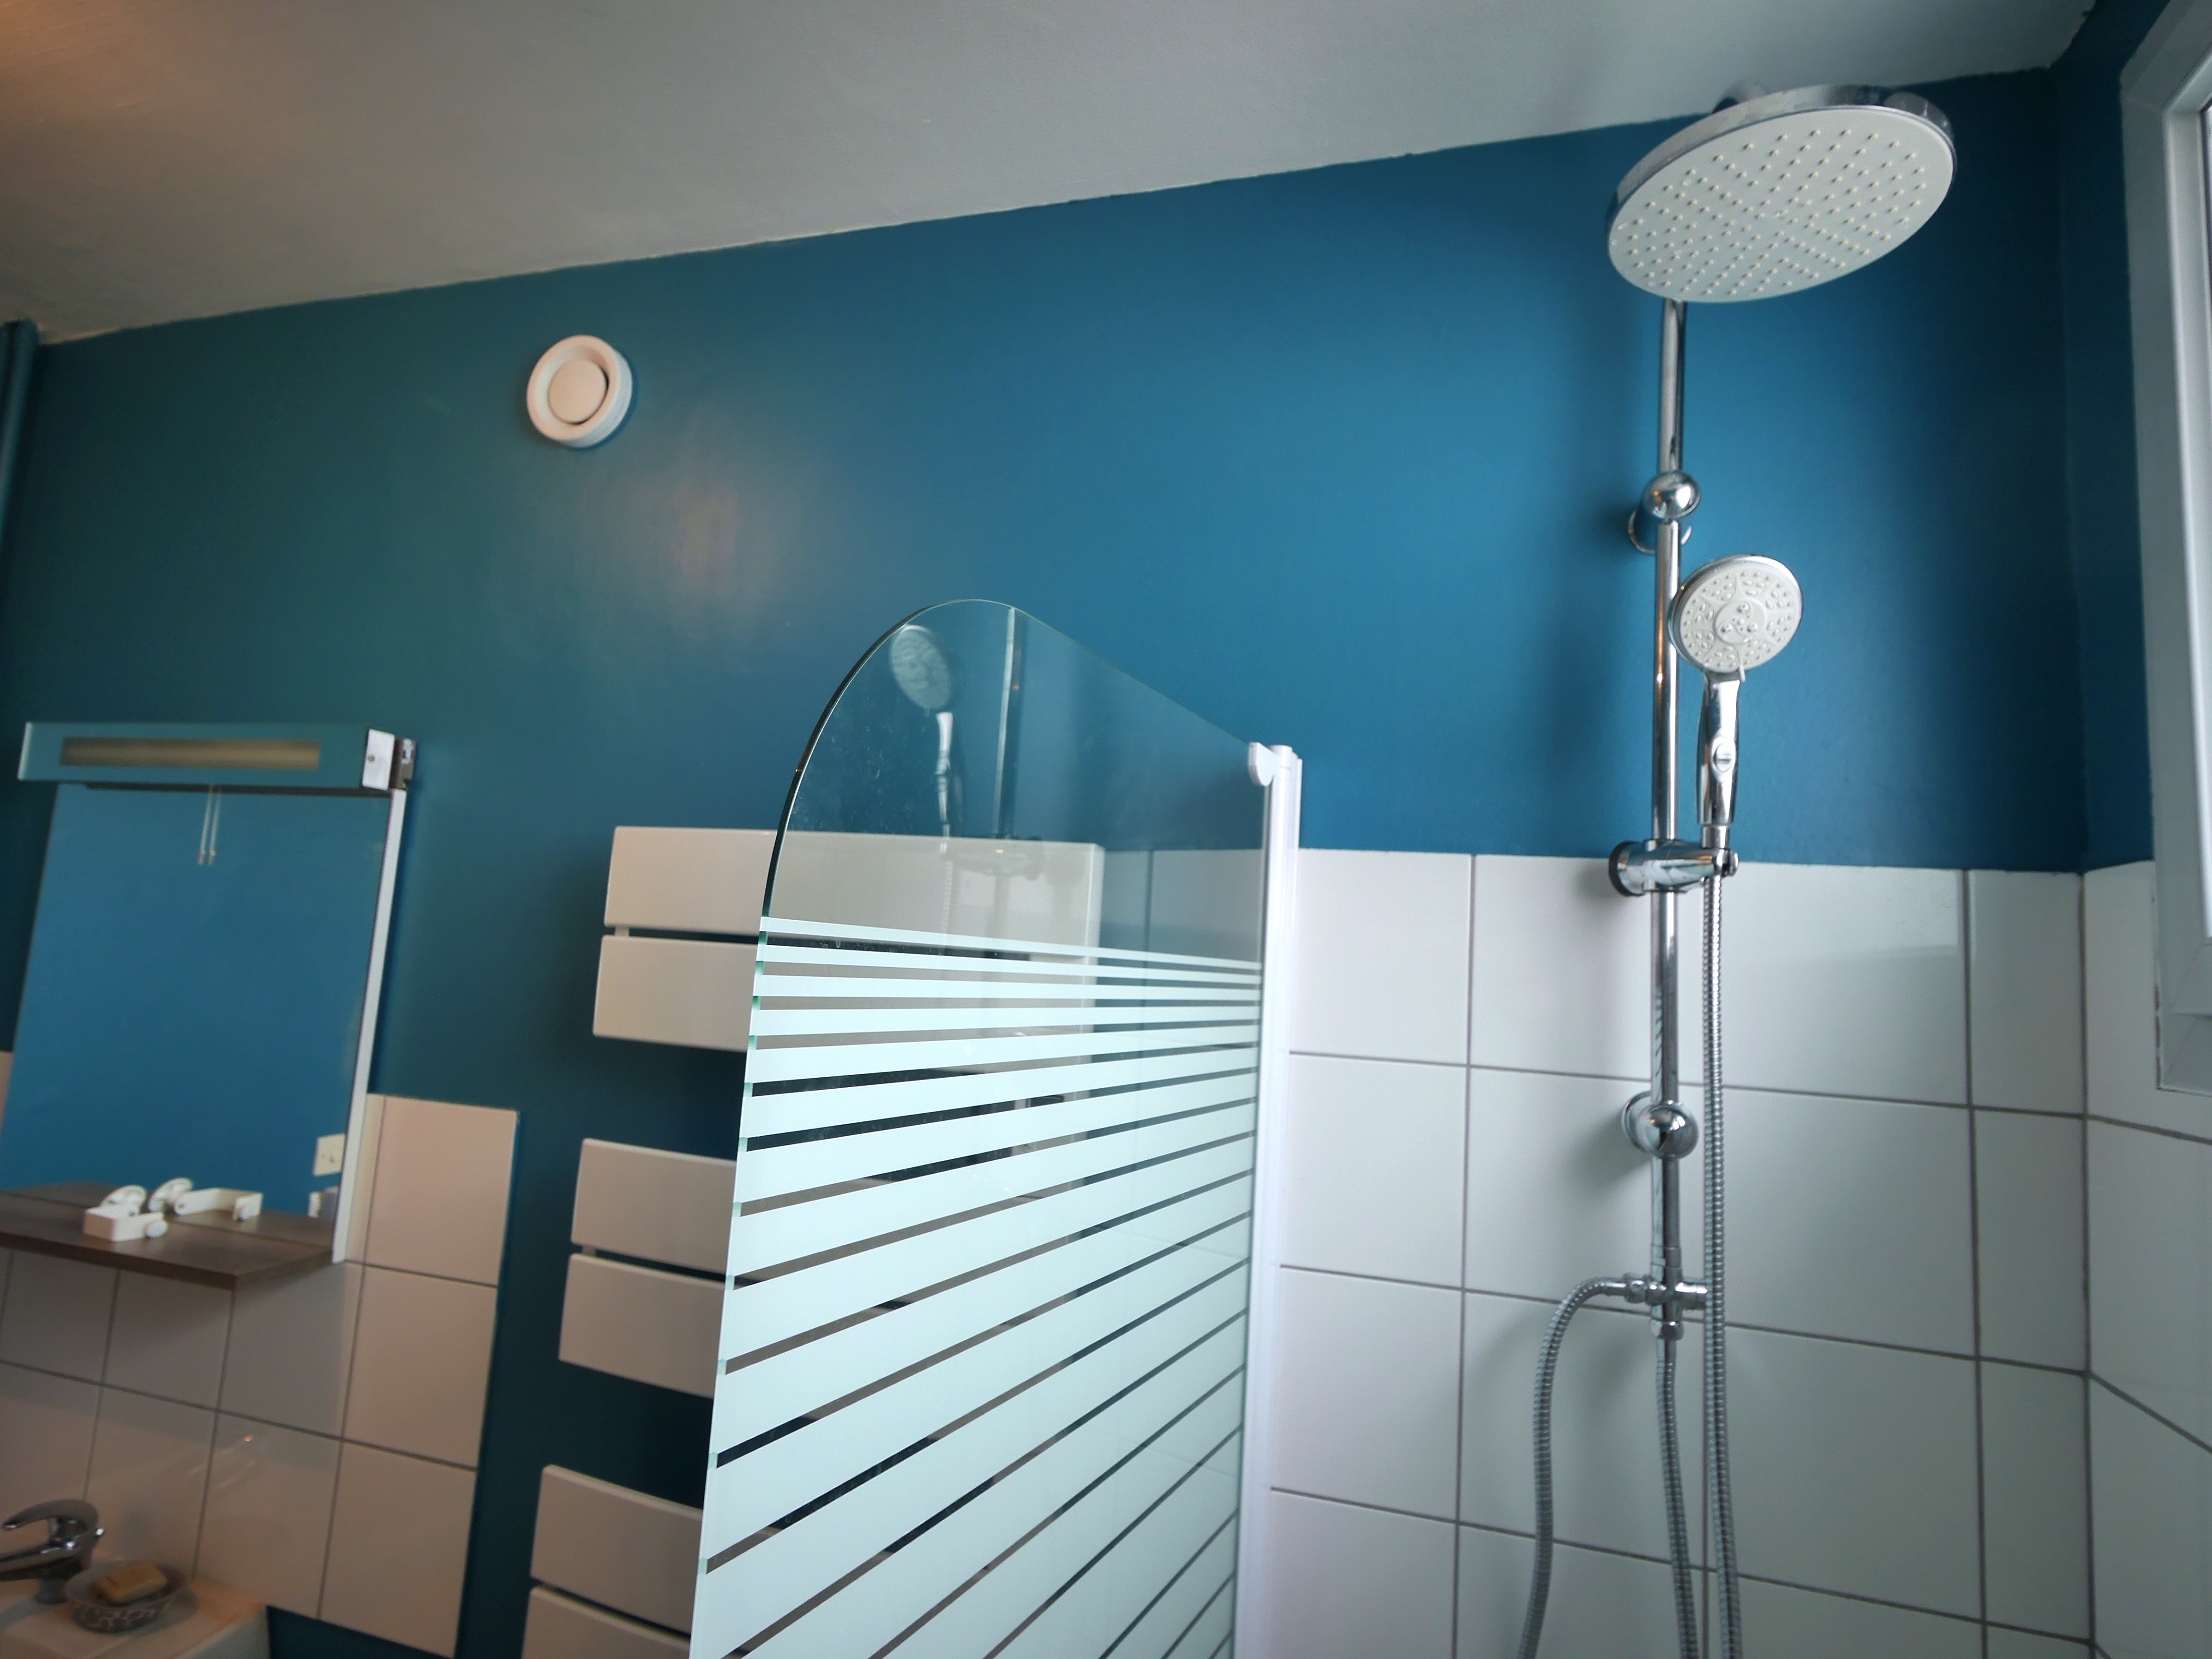 Pose pare-douche et colonne douche